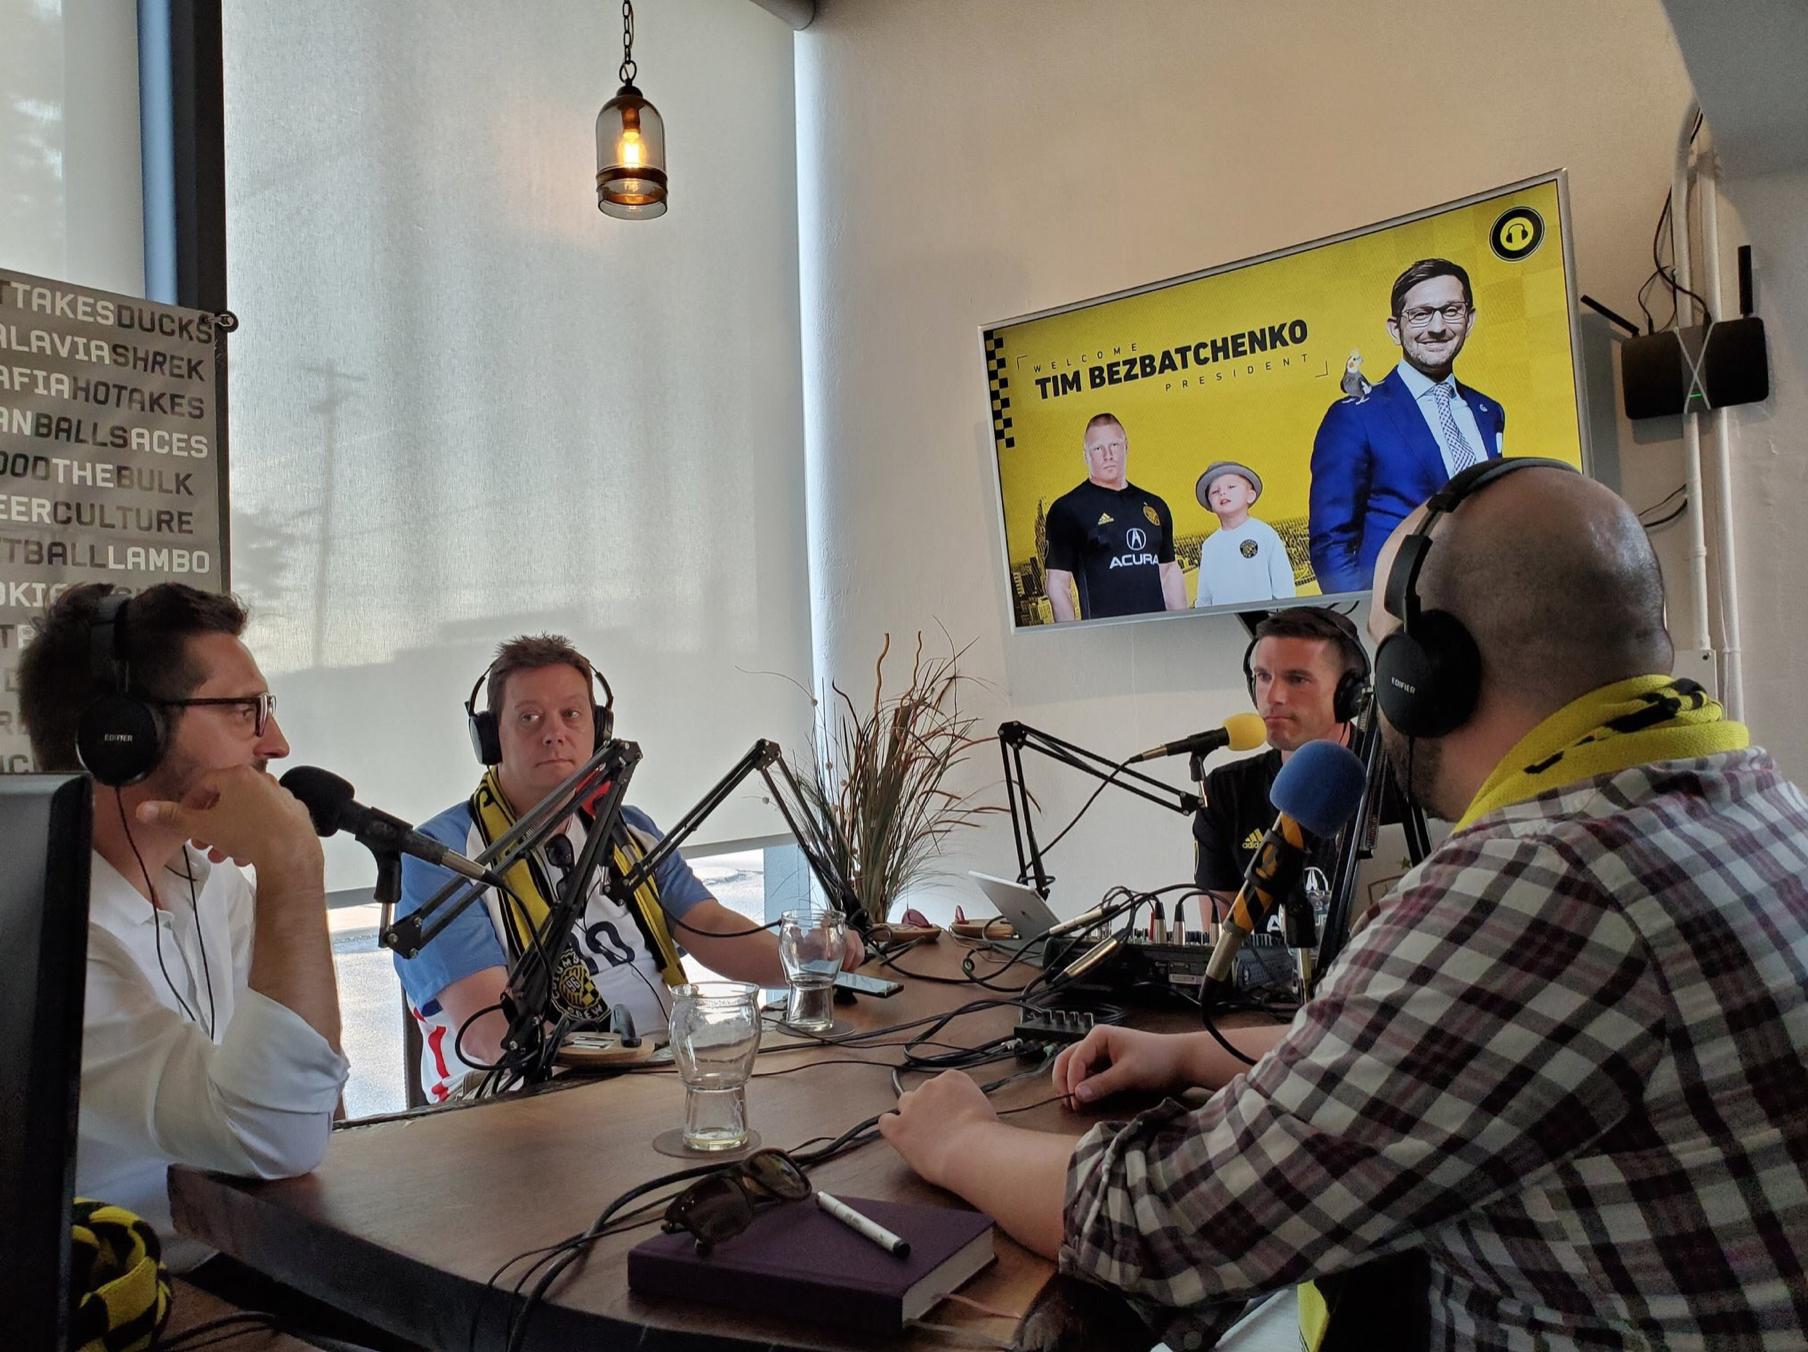 Interviewing Tim Bezbatchenko on Episode 124 of the Trash Pocket